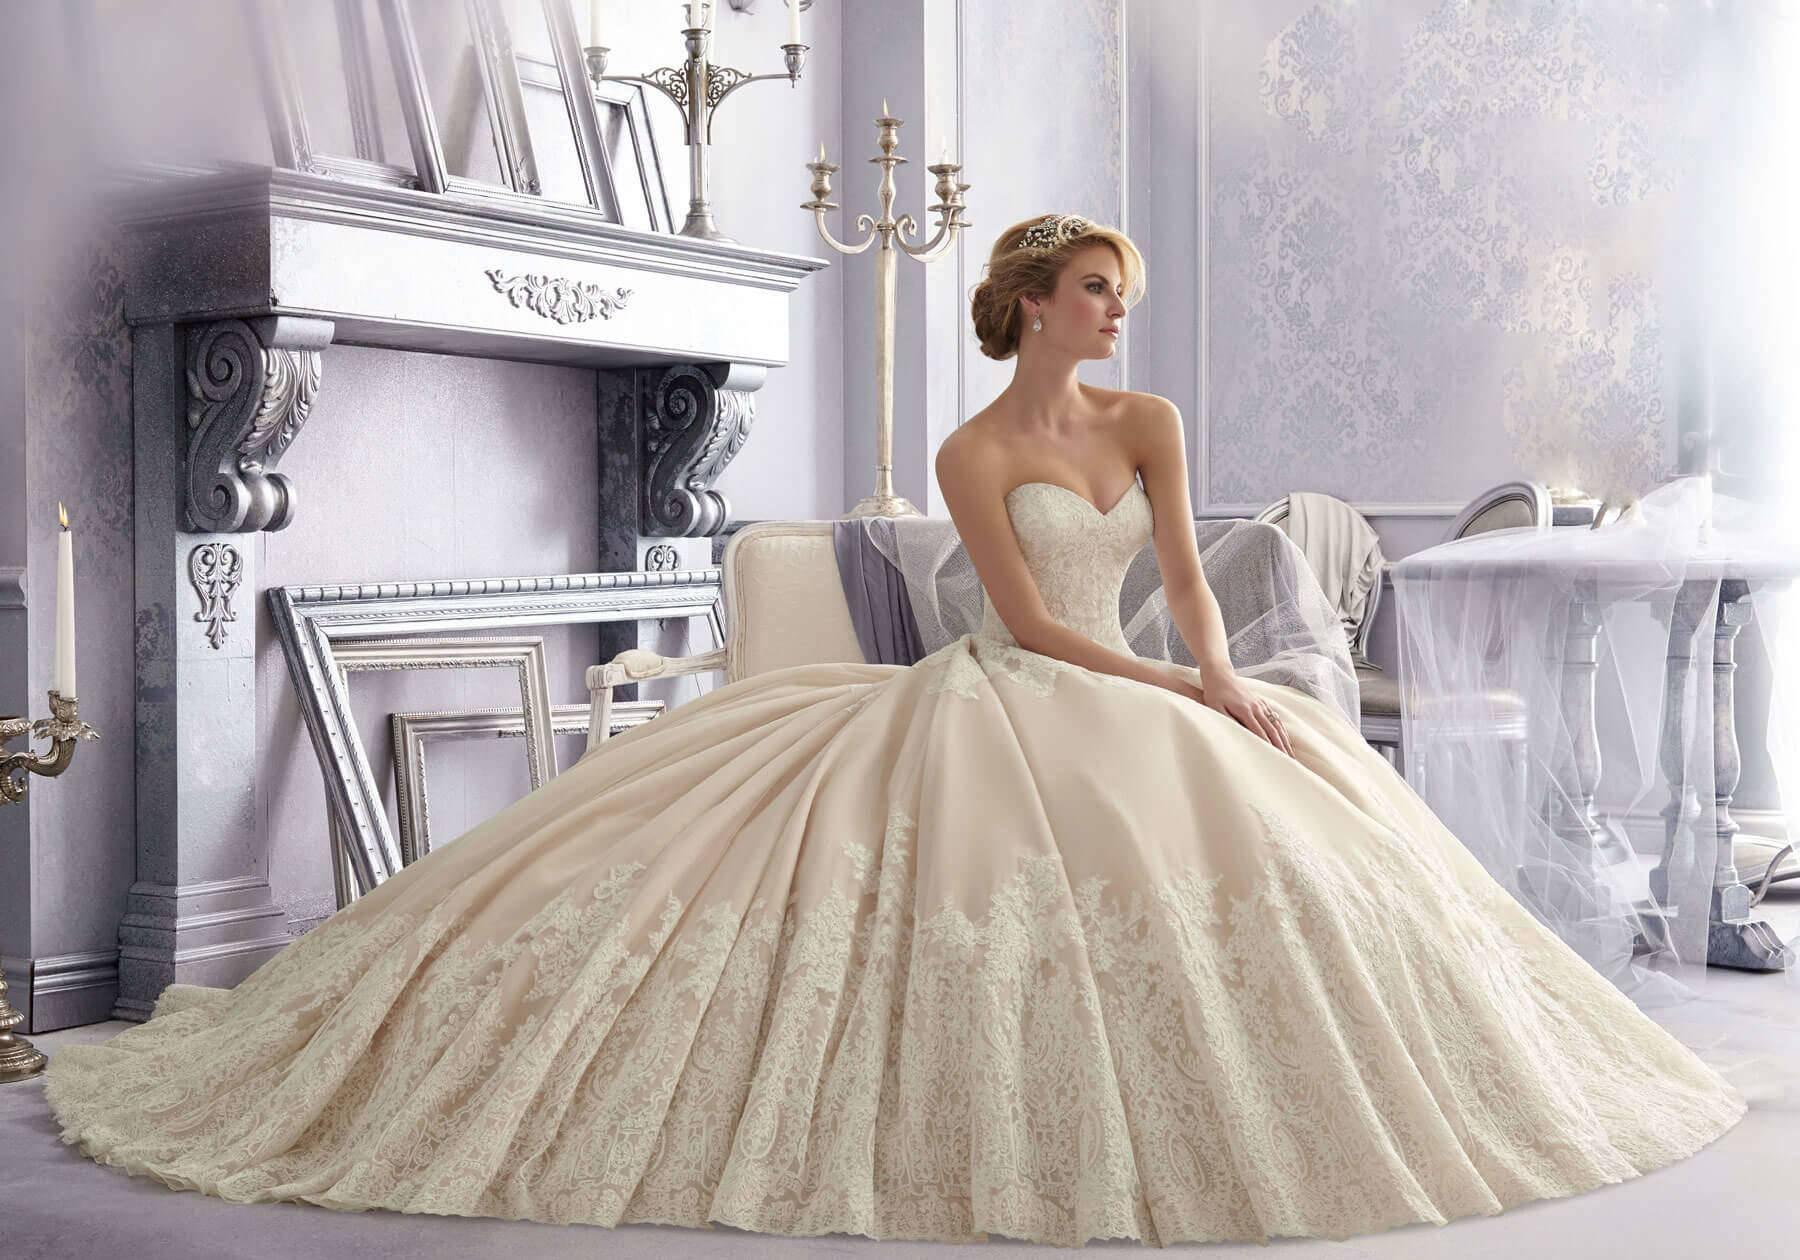 Пышное свадебное платье, или Как стать принцессой?